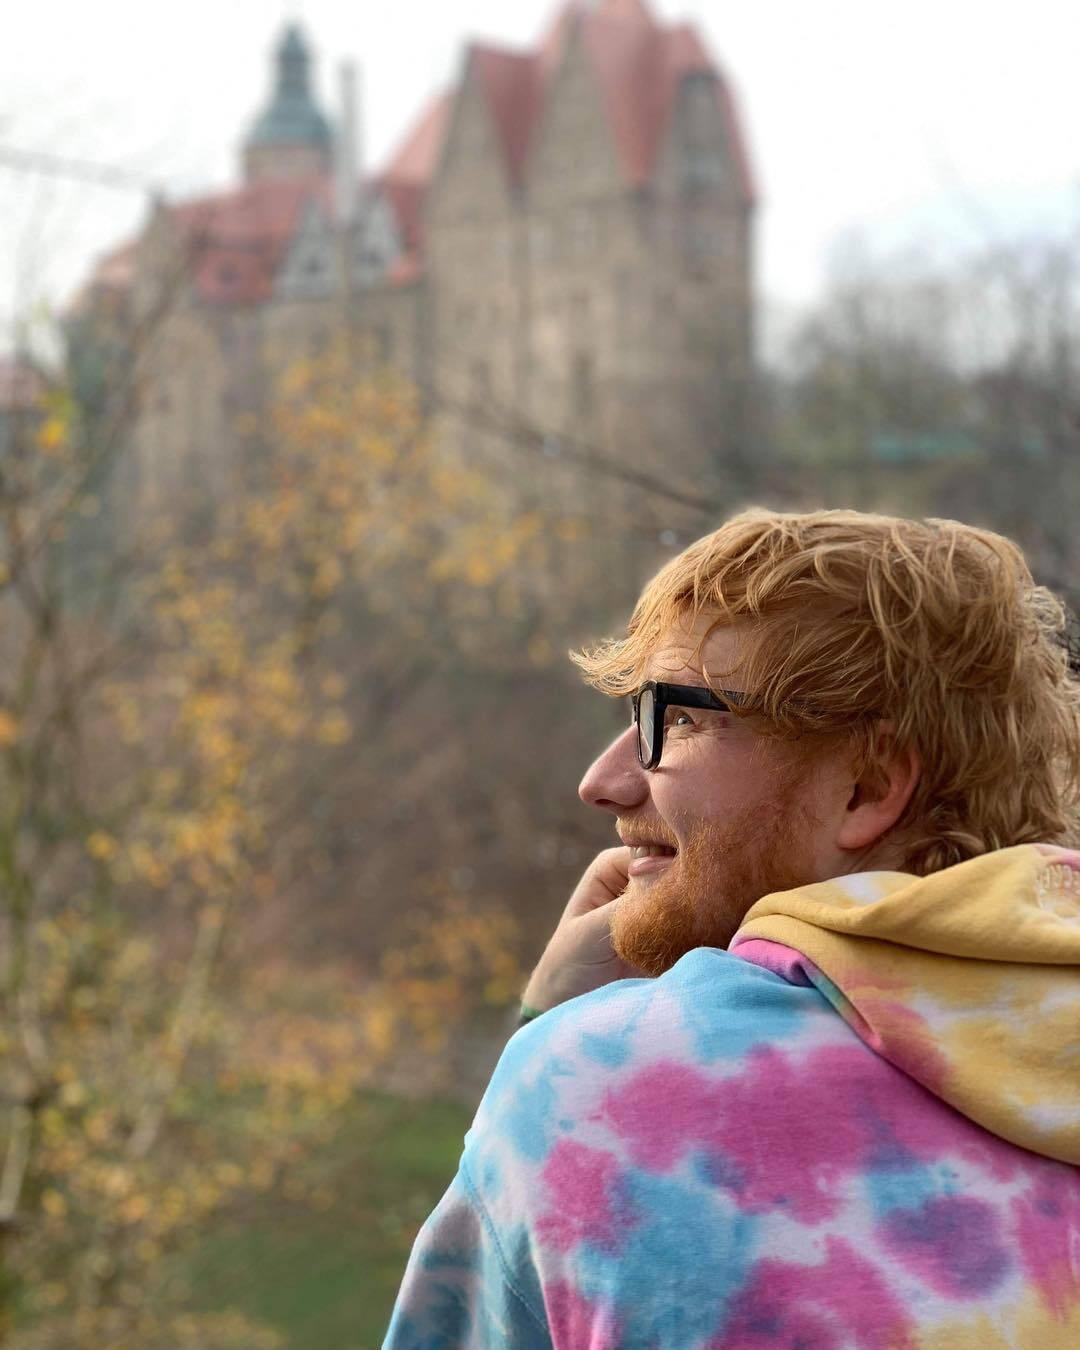 """Ed escreveu 120 músicas durante 3 anos, enquanto criava o álbum """"X"""". 17 canções entraram na versão finalizada do disco. (Foto: Instagram/ @teddysphotos)"""